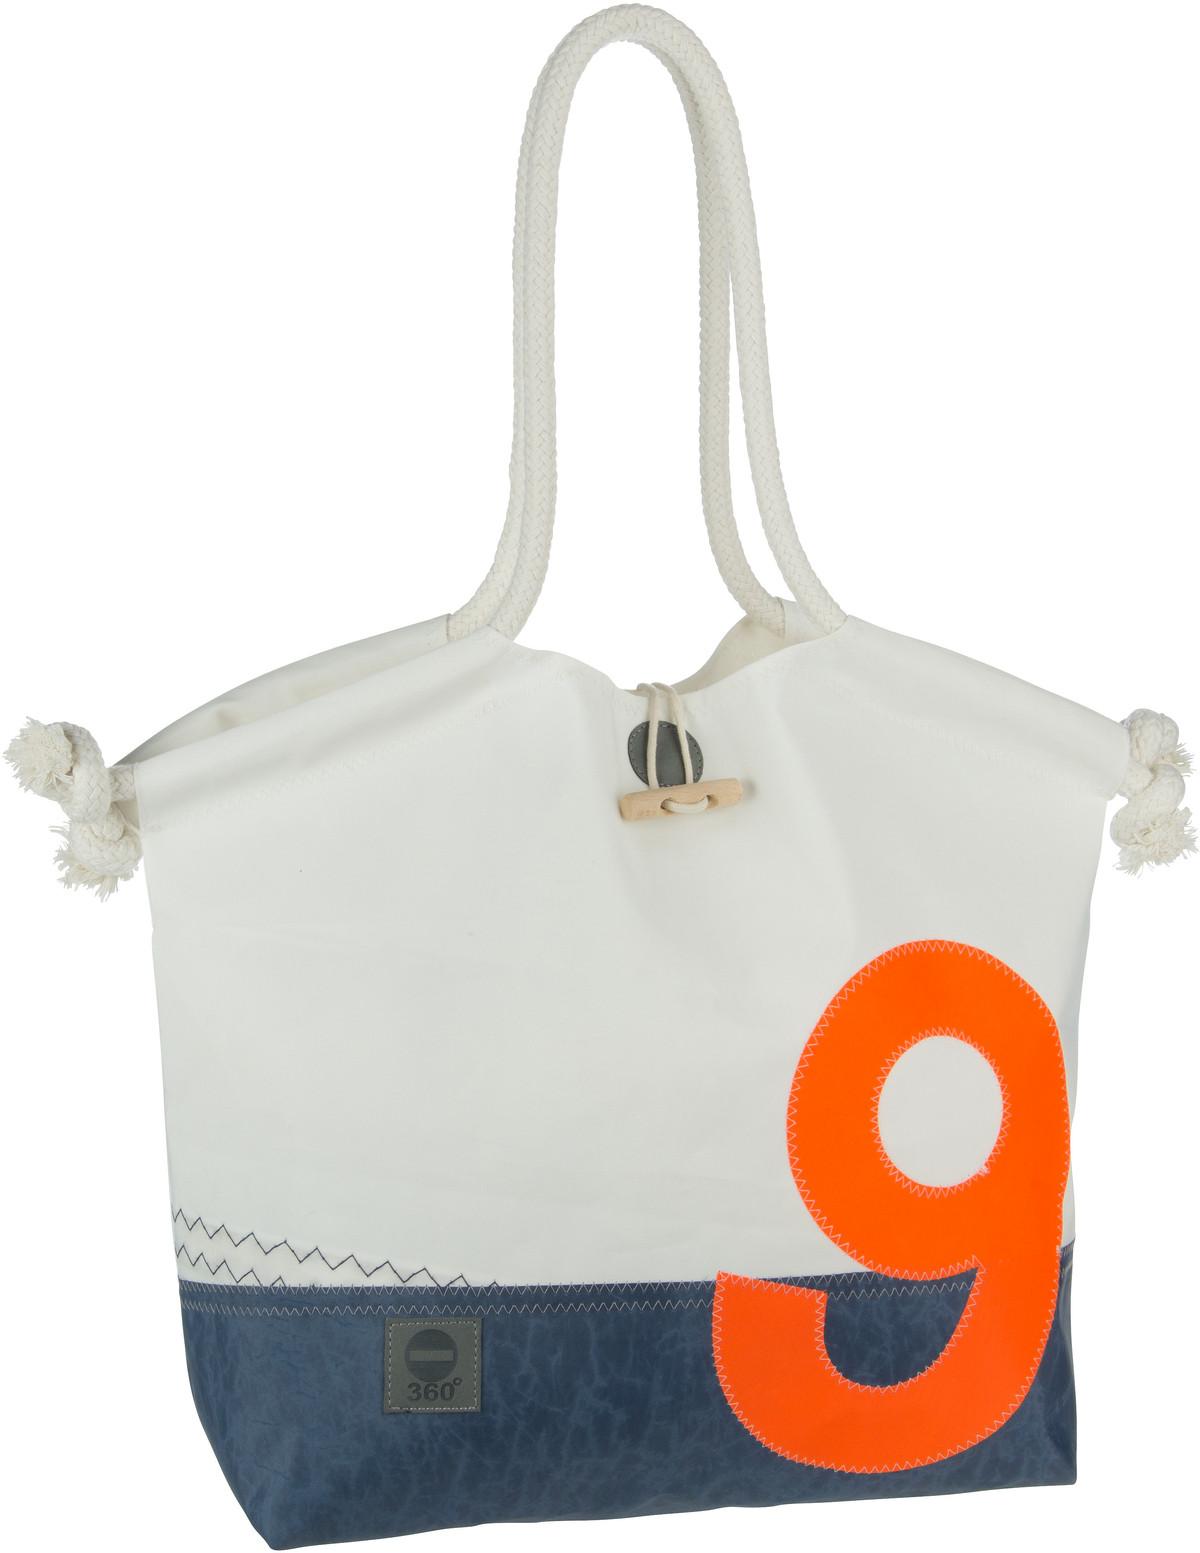 Handtasche Muschel Blau mit oranger Zahl